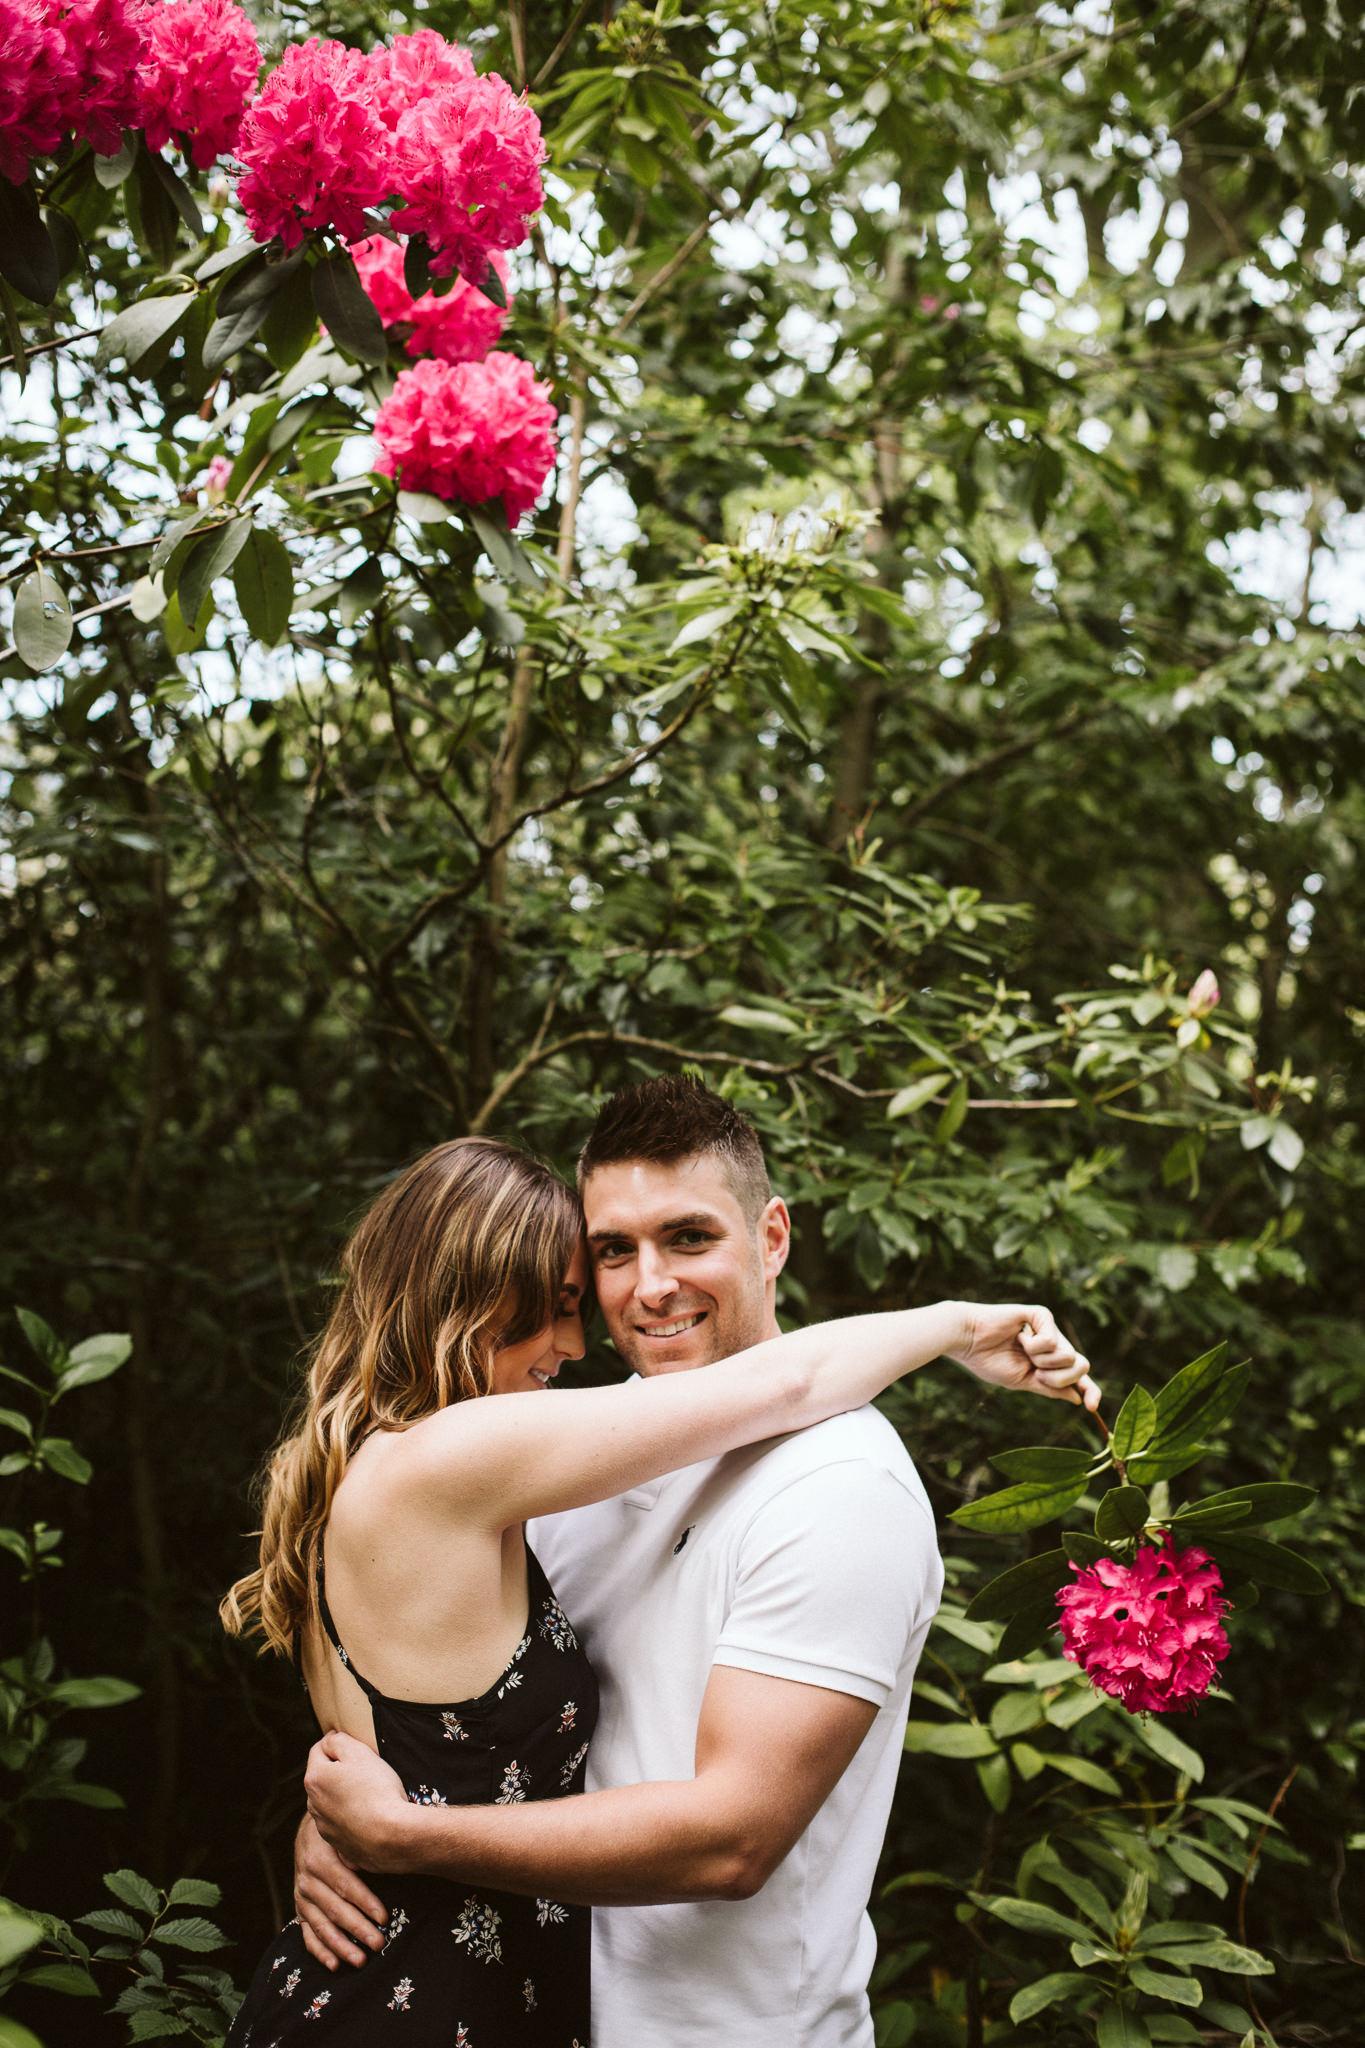 margaritahope-B&N-Pre-Wedding-ONLINE-0396.jpg